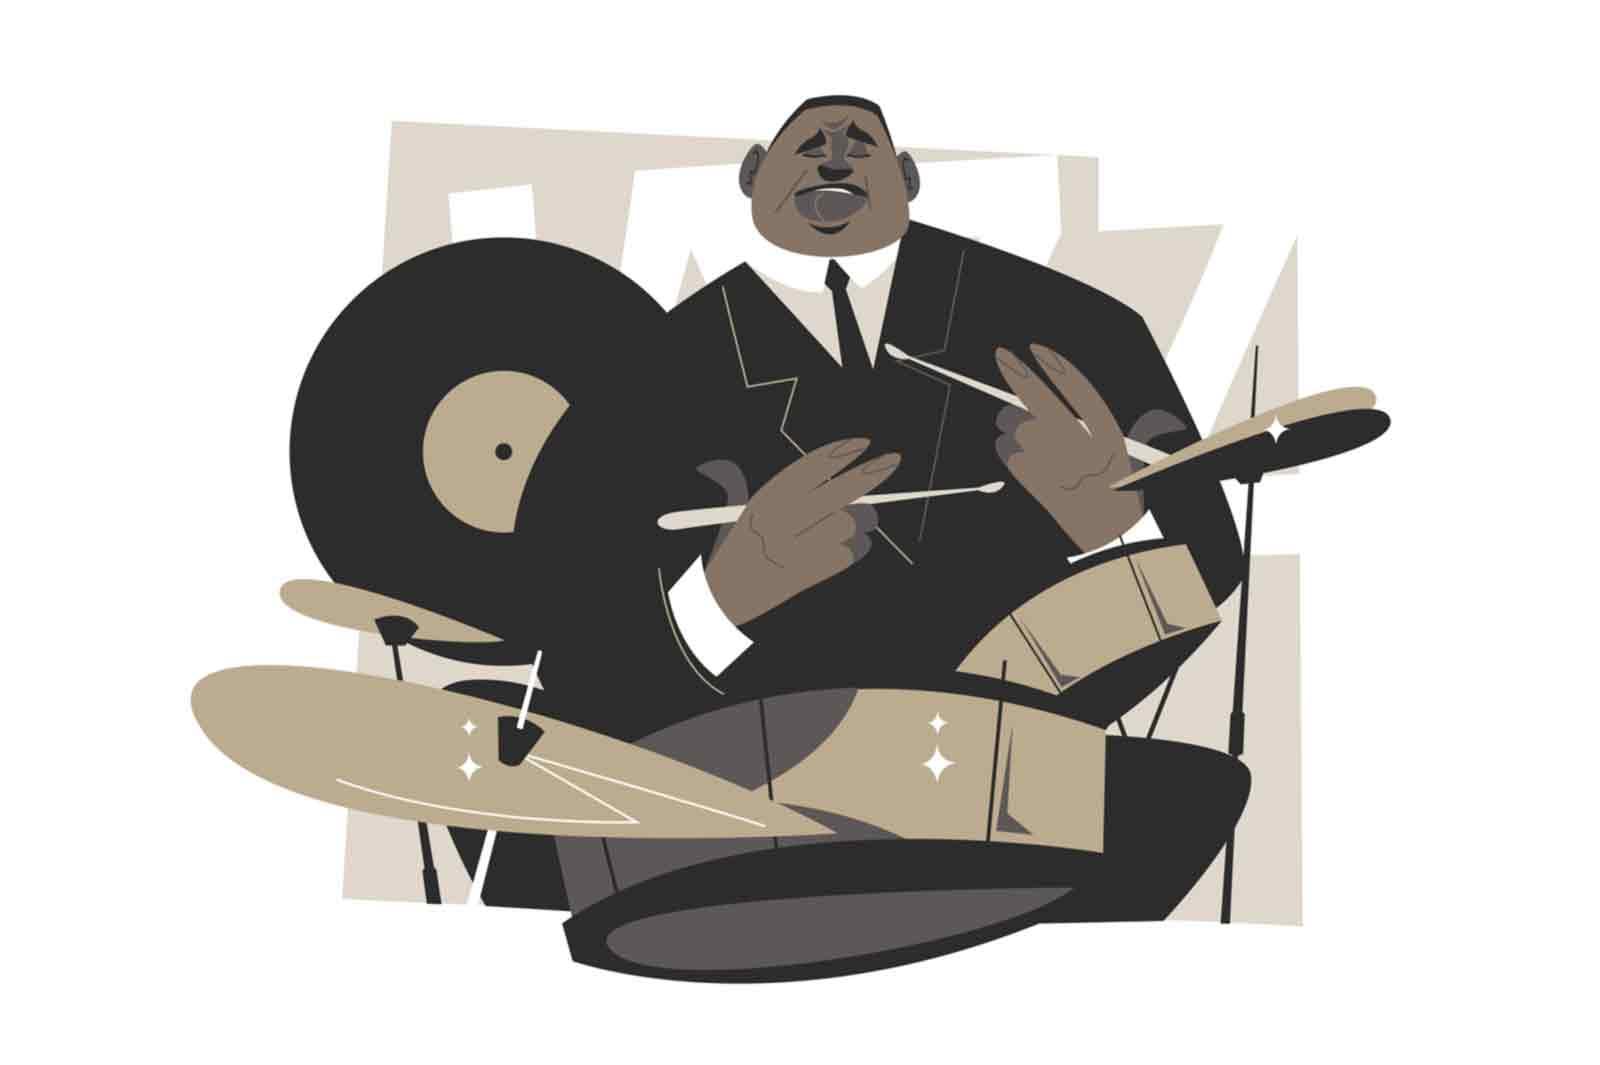 Jazz drummer character